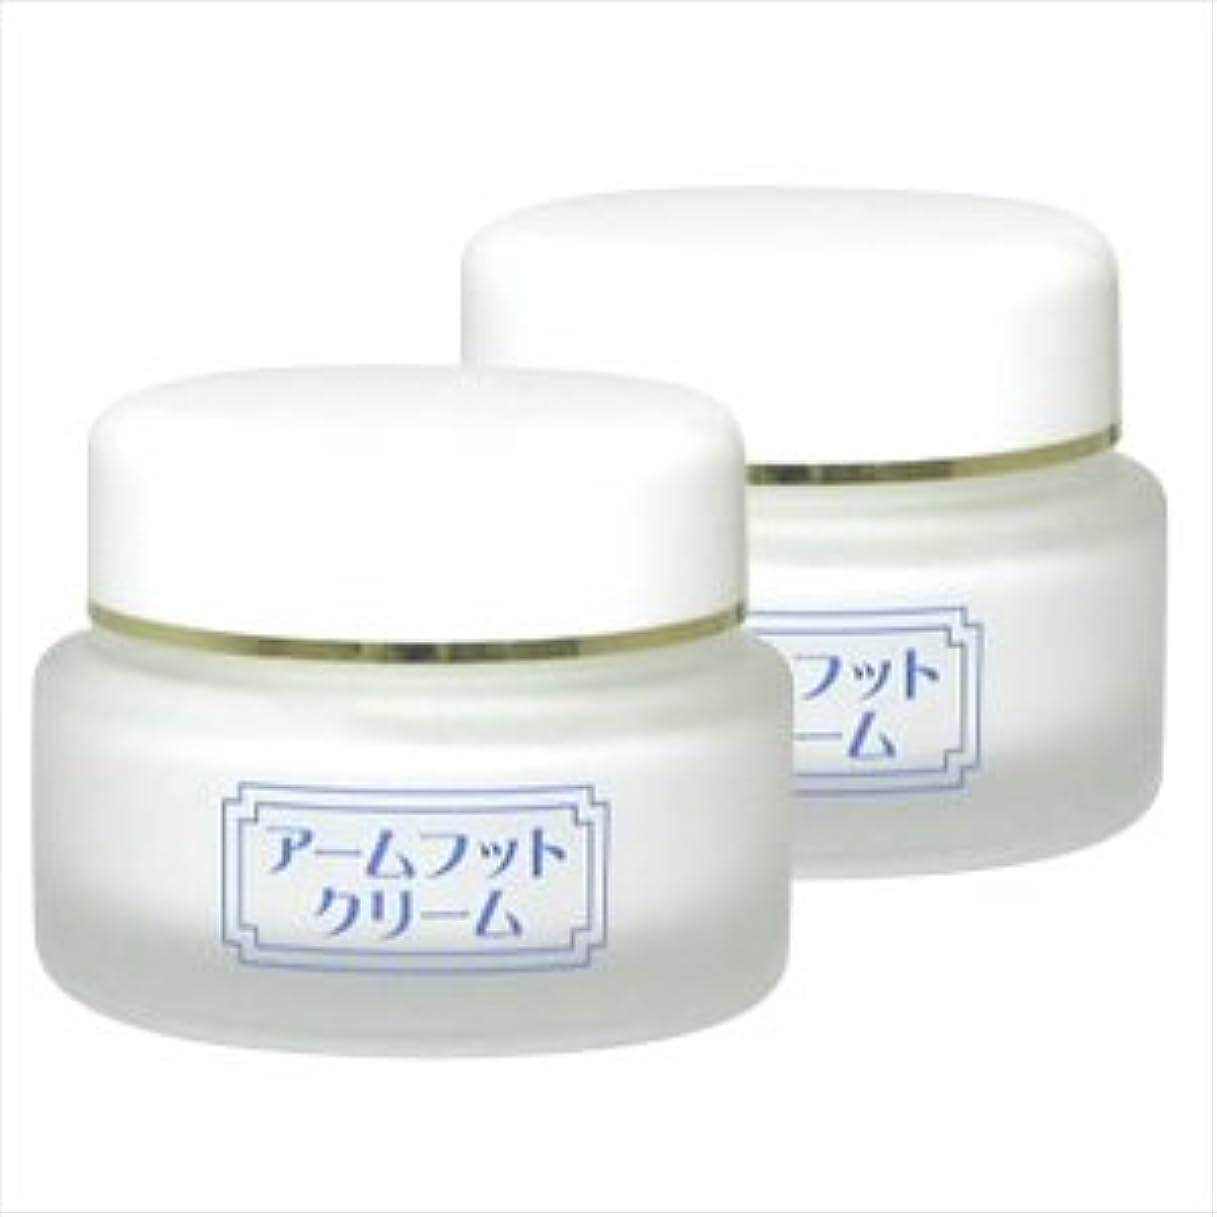 調整可能マイクバーチャル薬用デオドラントクリーム アームフットクリーム(20g) (2個セット)